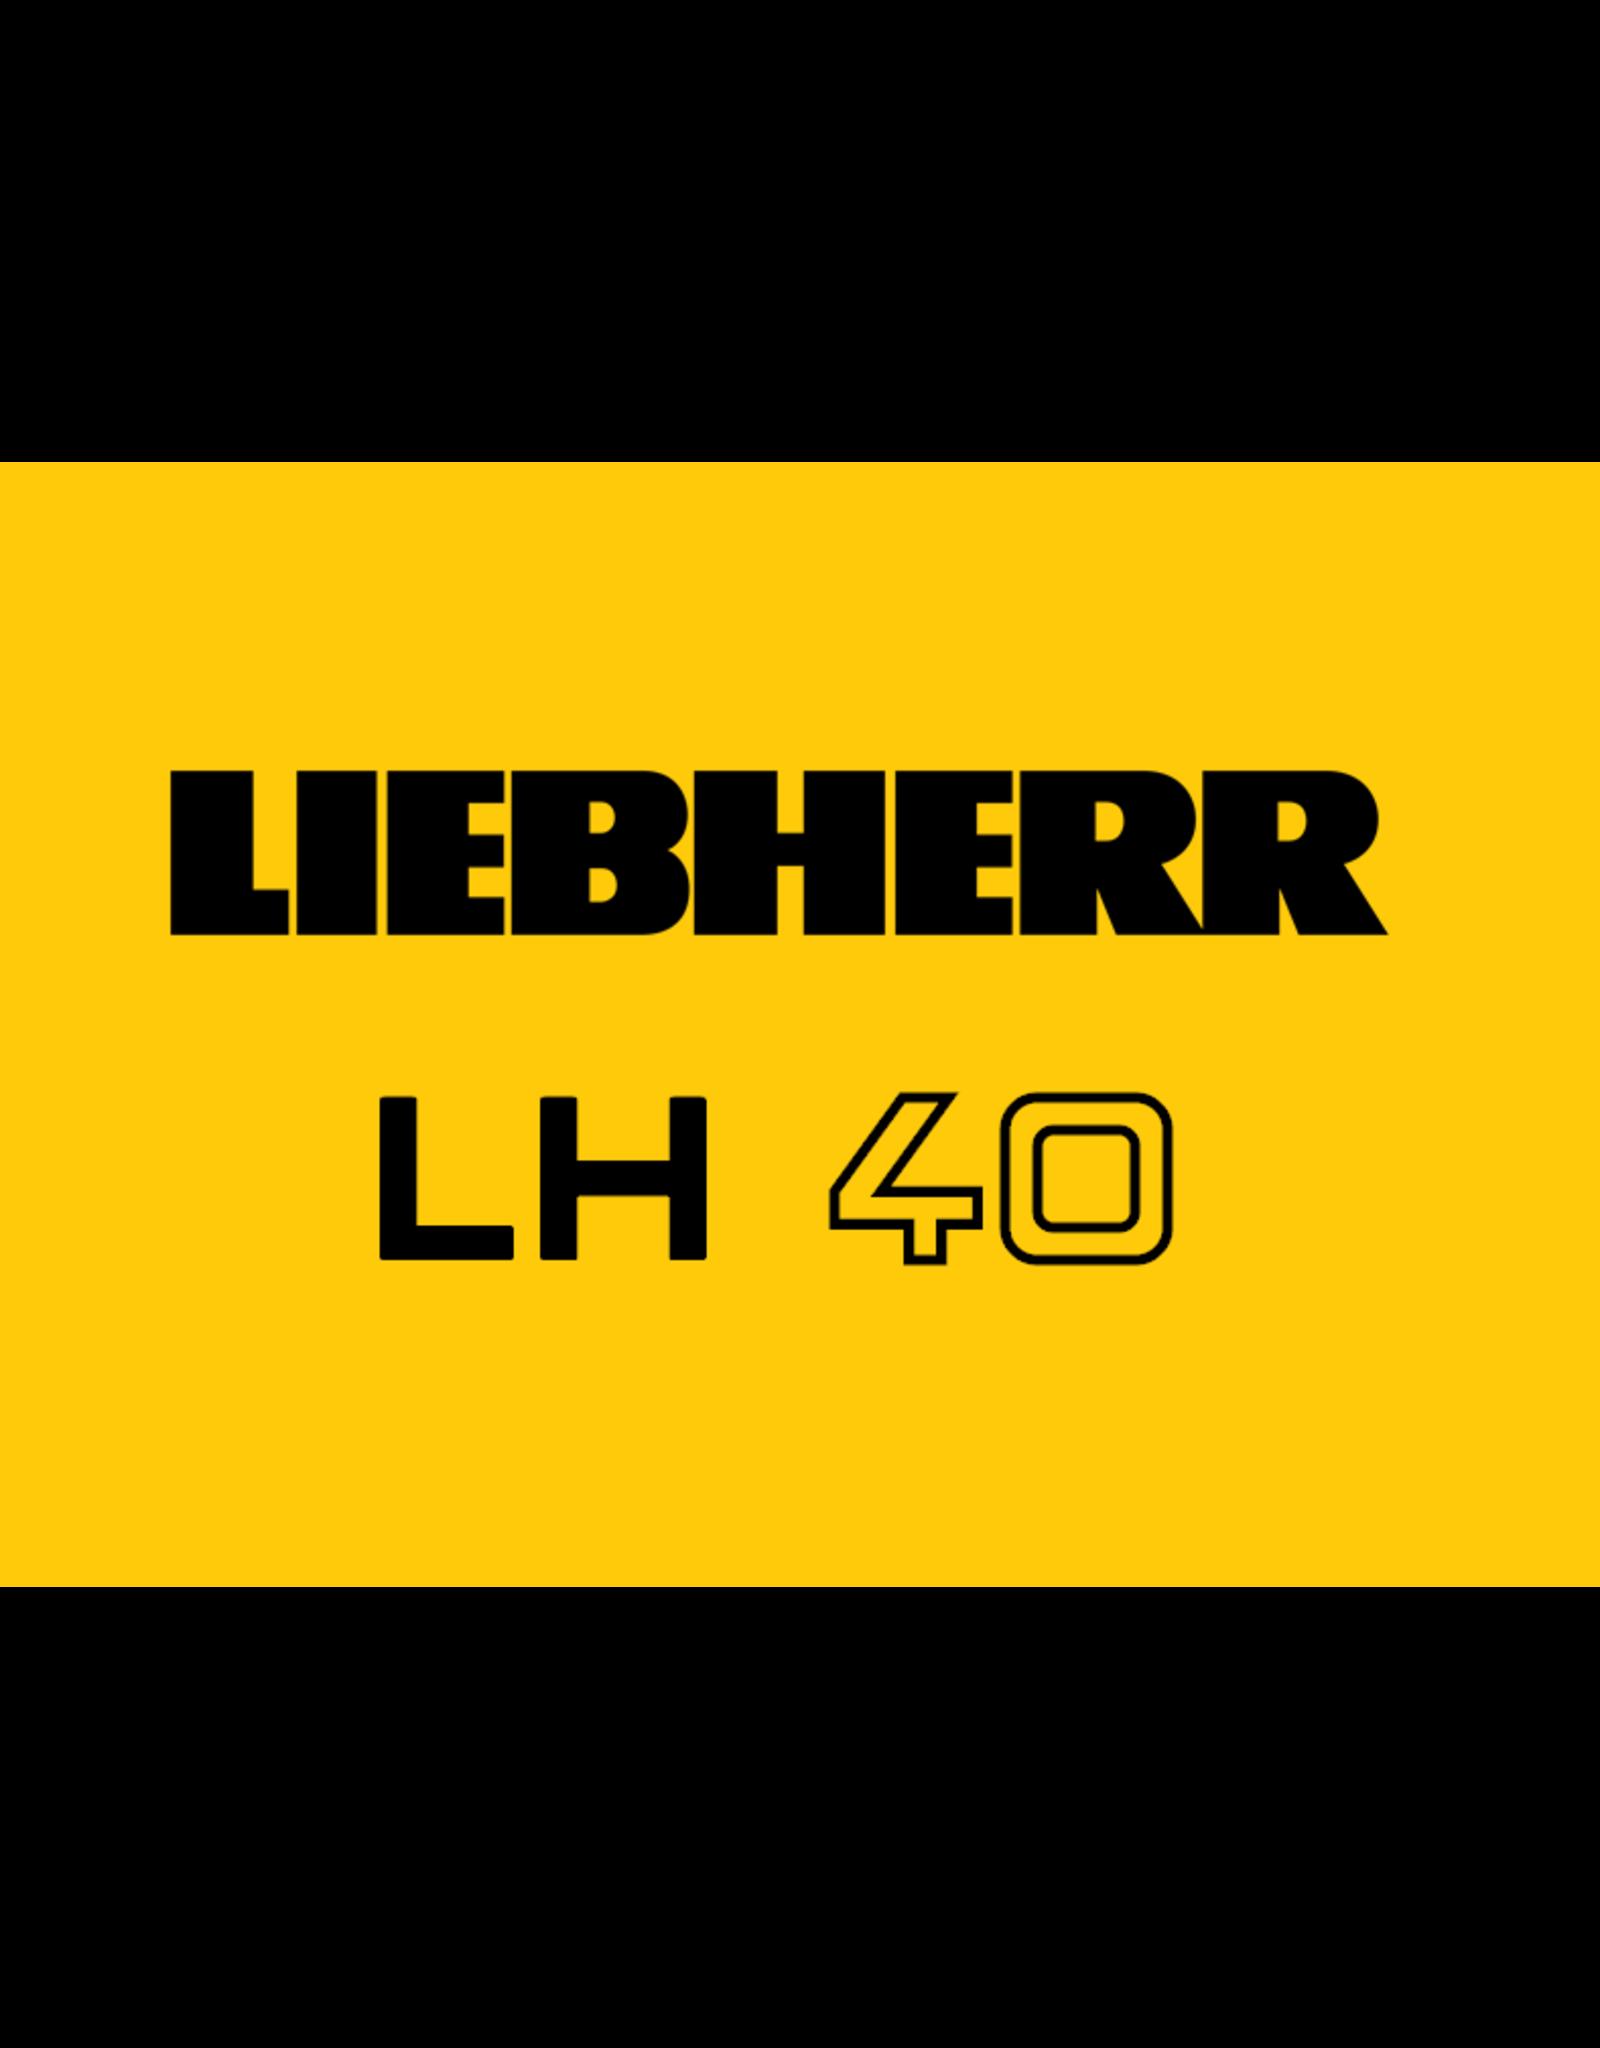 Echle Hartstahl GmbH FOPS für Liebherr LH 40